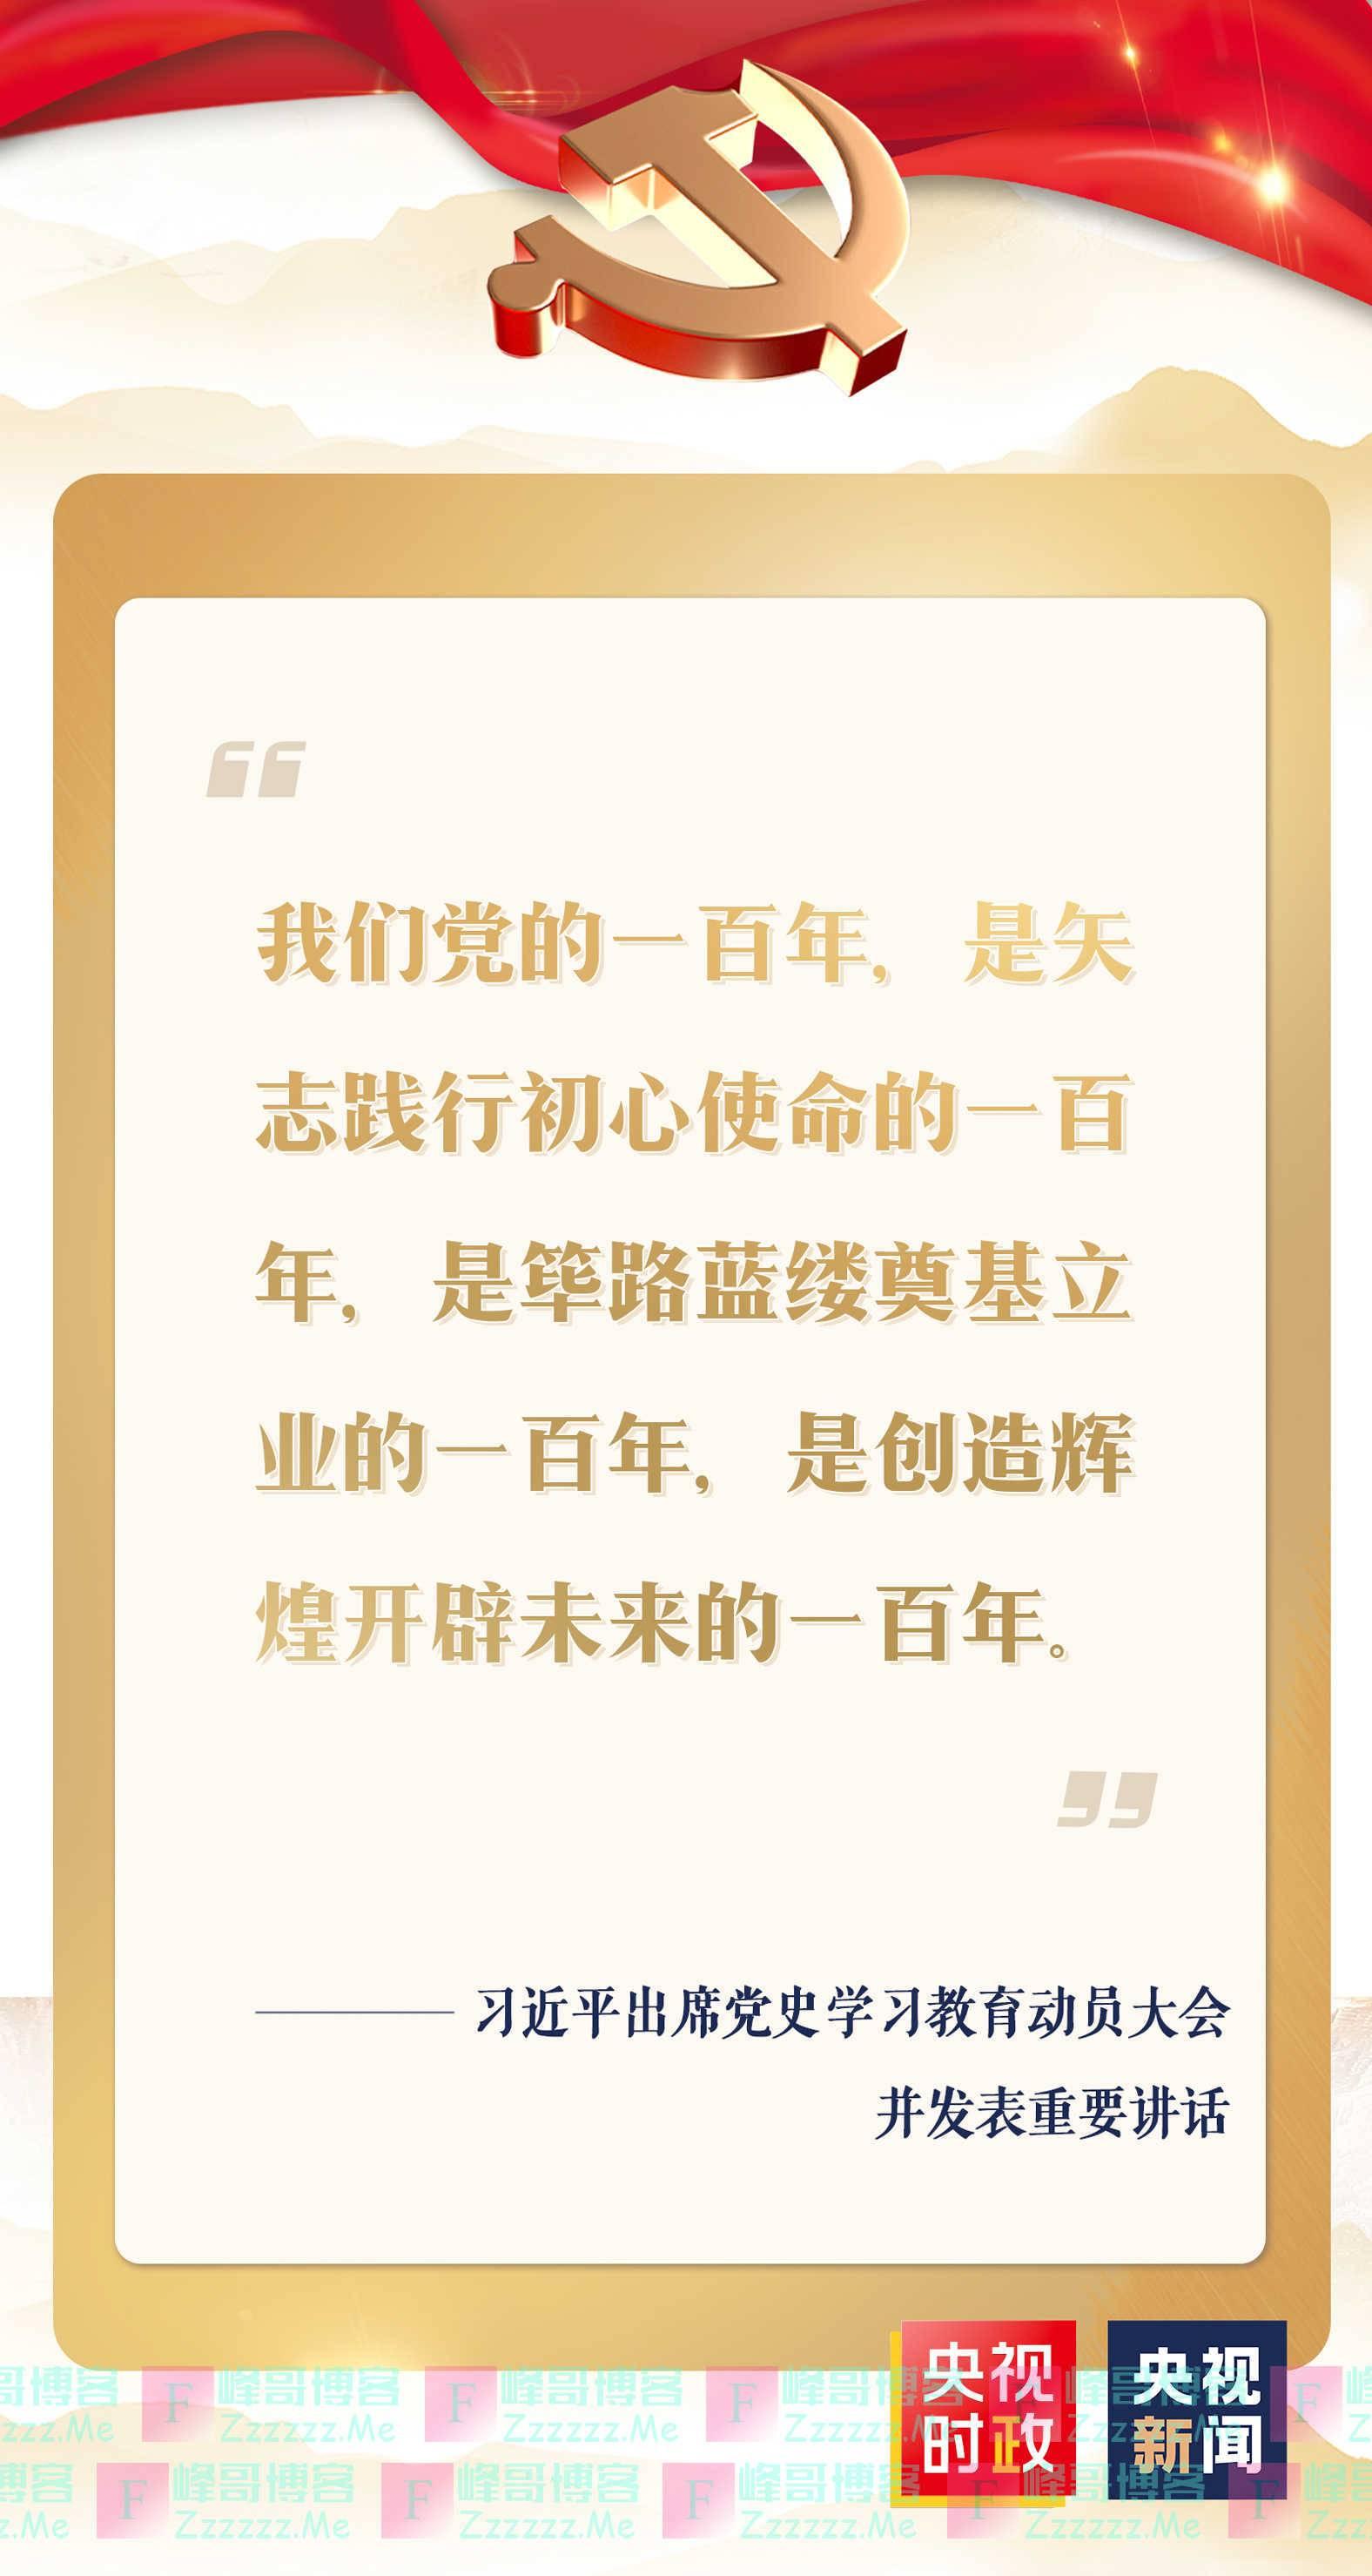 习近平:学党史 悟思想 办实事 开新局